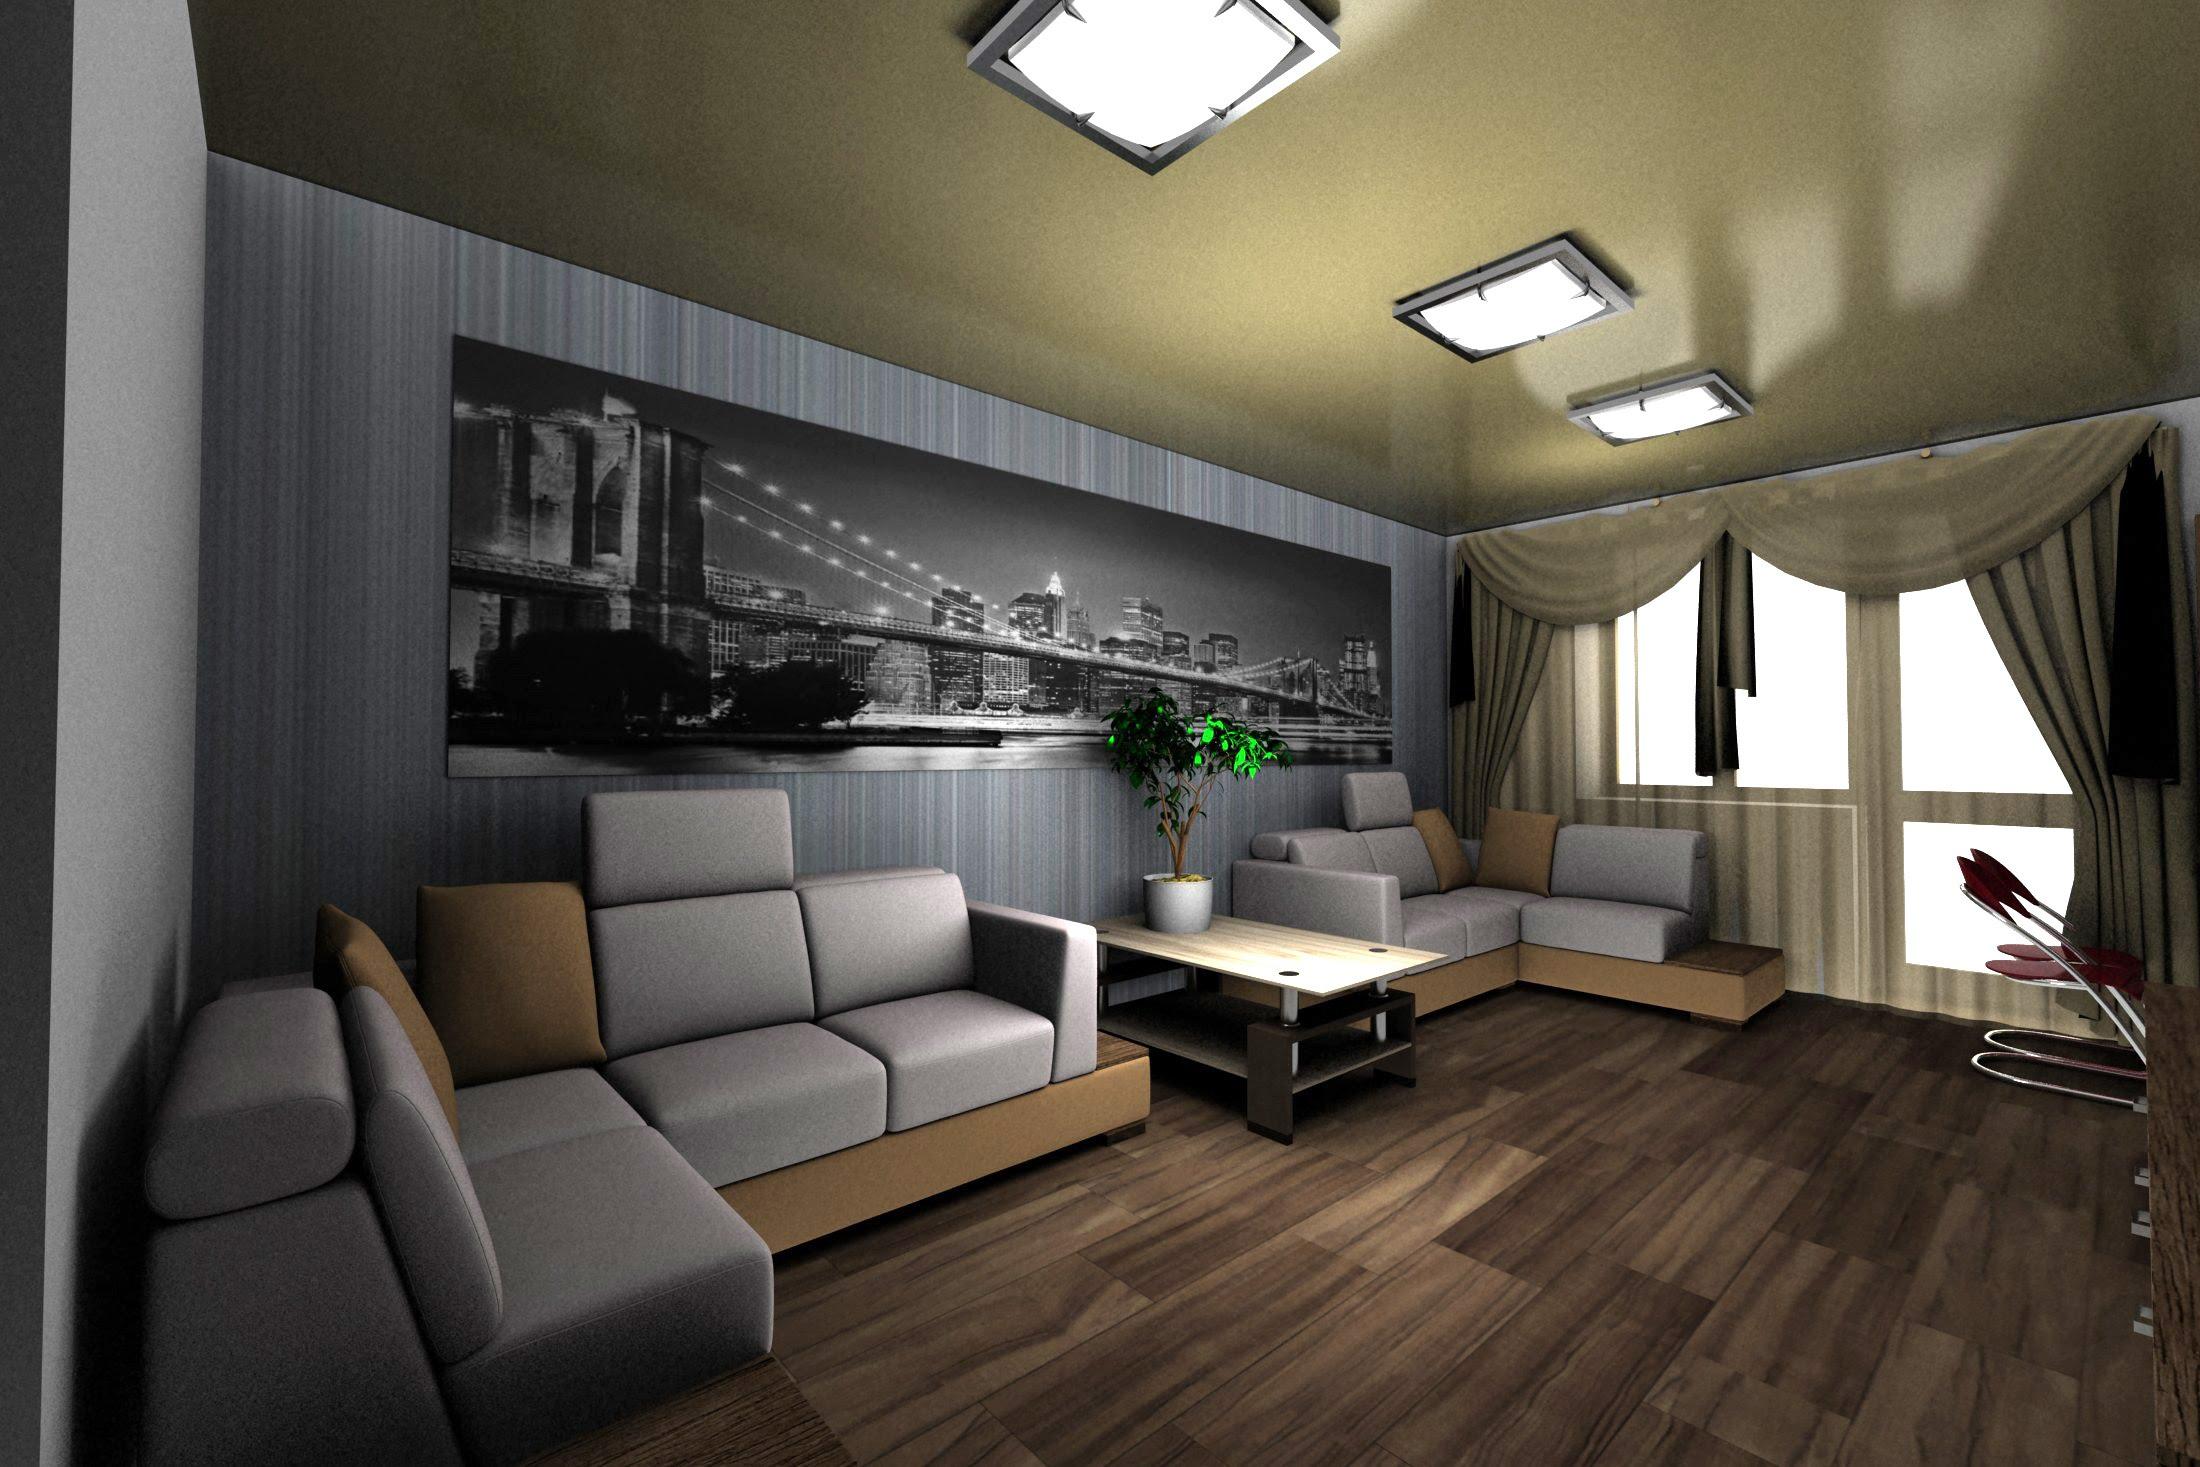 Ремонт квартир под ключ- Недорогой качественный ремонт